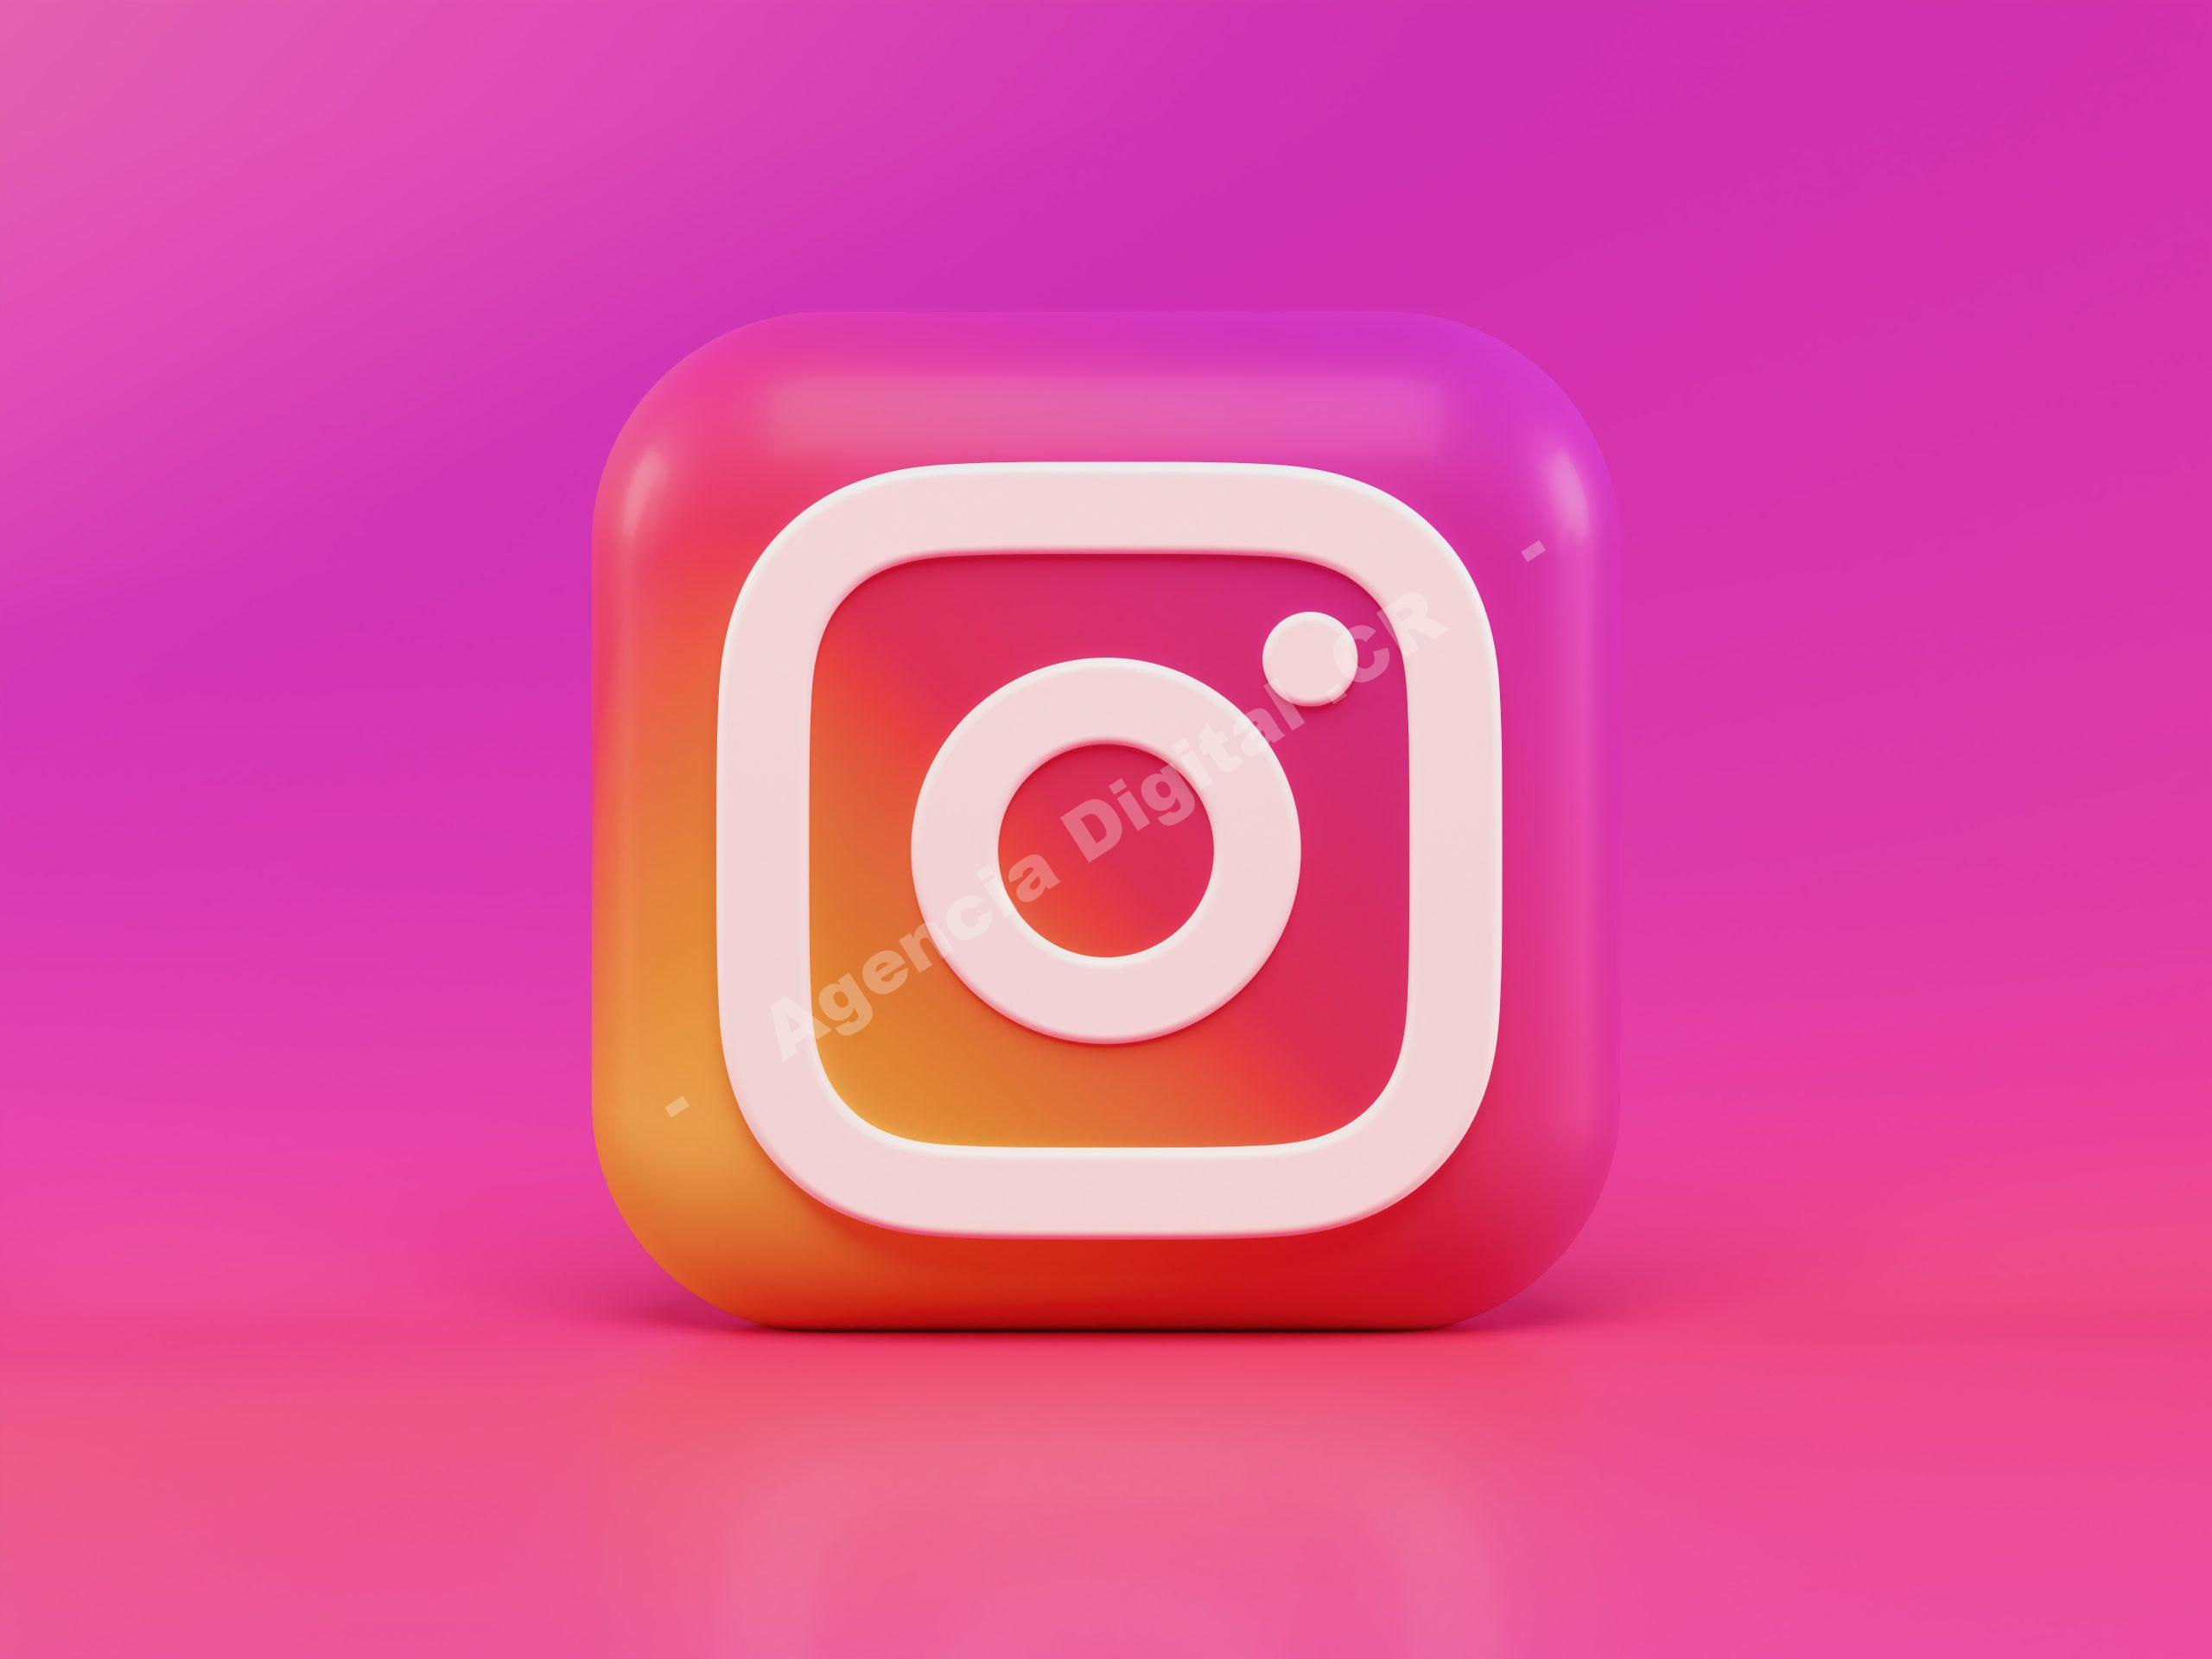 Redes Sociales instalaciones la aplicacion facebook Agencia Digital de Costa Rica